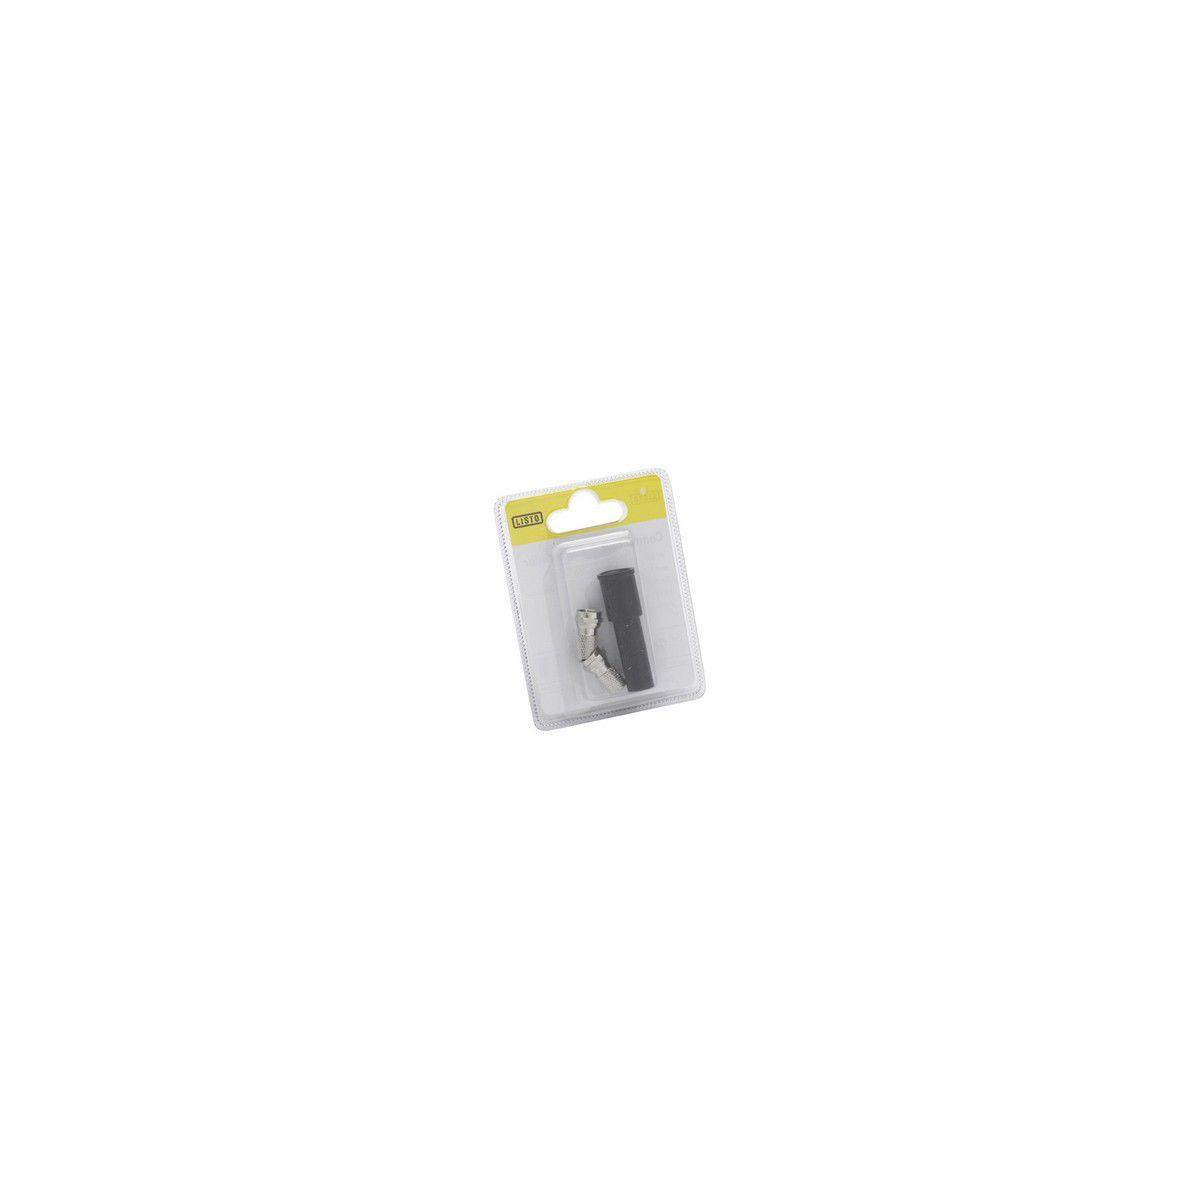 Connecteur sc f+joint-2mâles +manchon - produit coup de coeur webdistrib.com ! (photo)